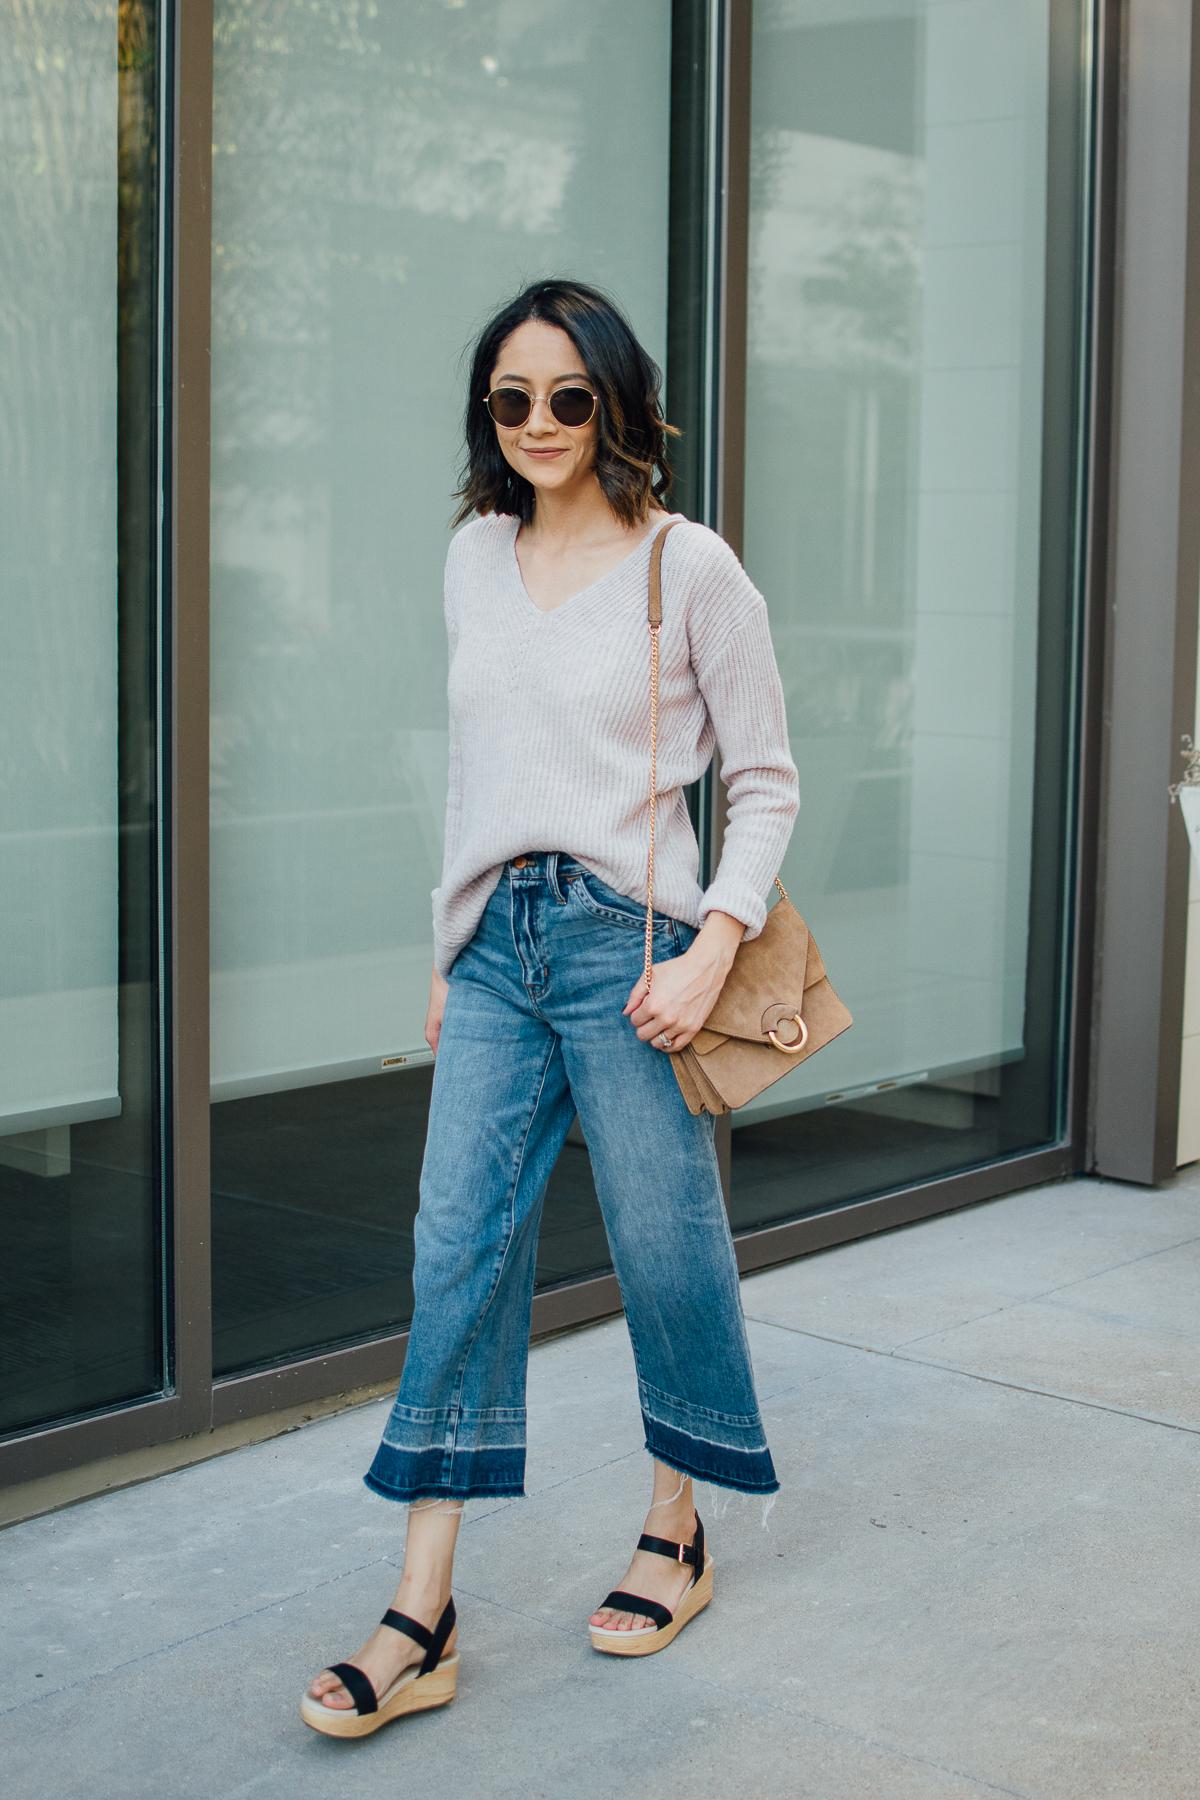 Style blogger Lilly Beltran styles wide leg denim with undone hems & cozy wool sweater